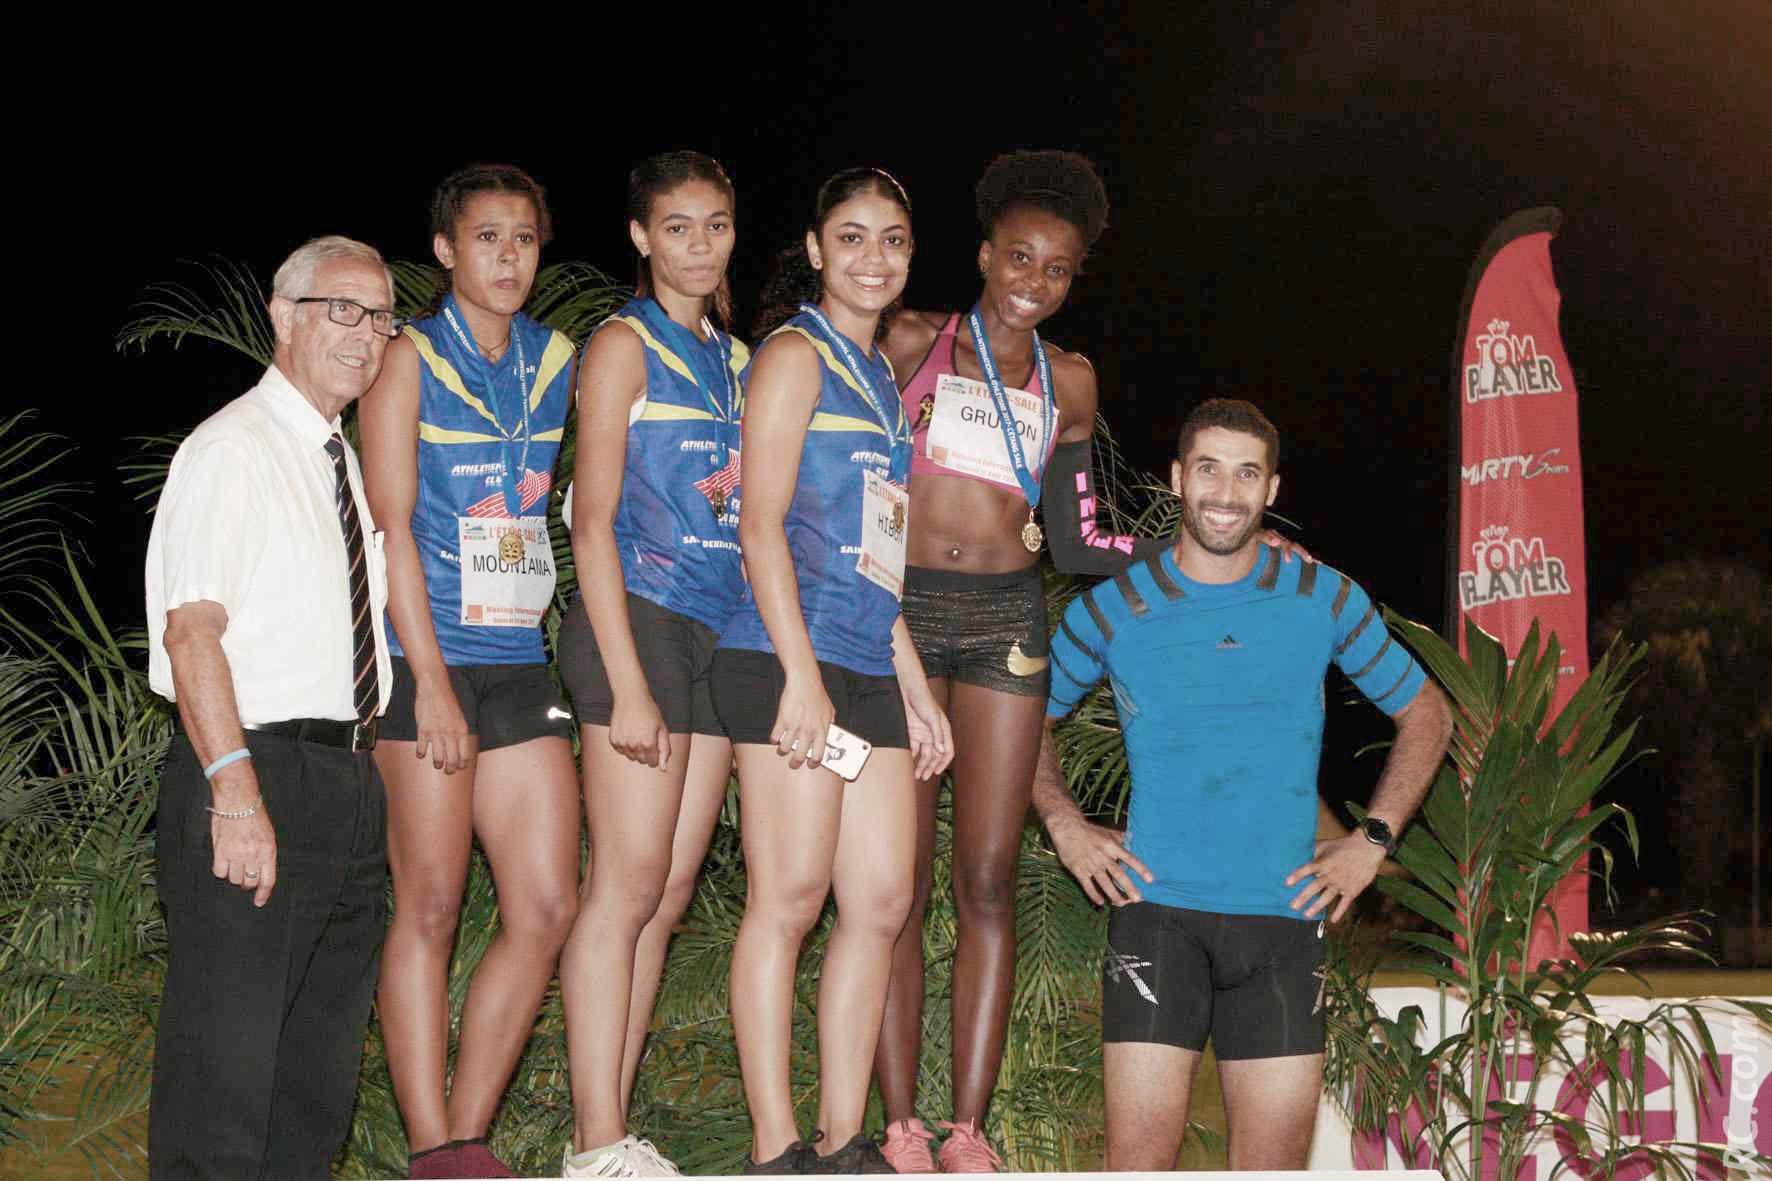 Les bravos du maire Jean-Claude Lacouture et du sauteur Salim Sdiri aux filles de l'Entente du Nord sur le relais